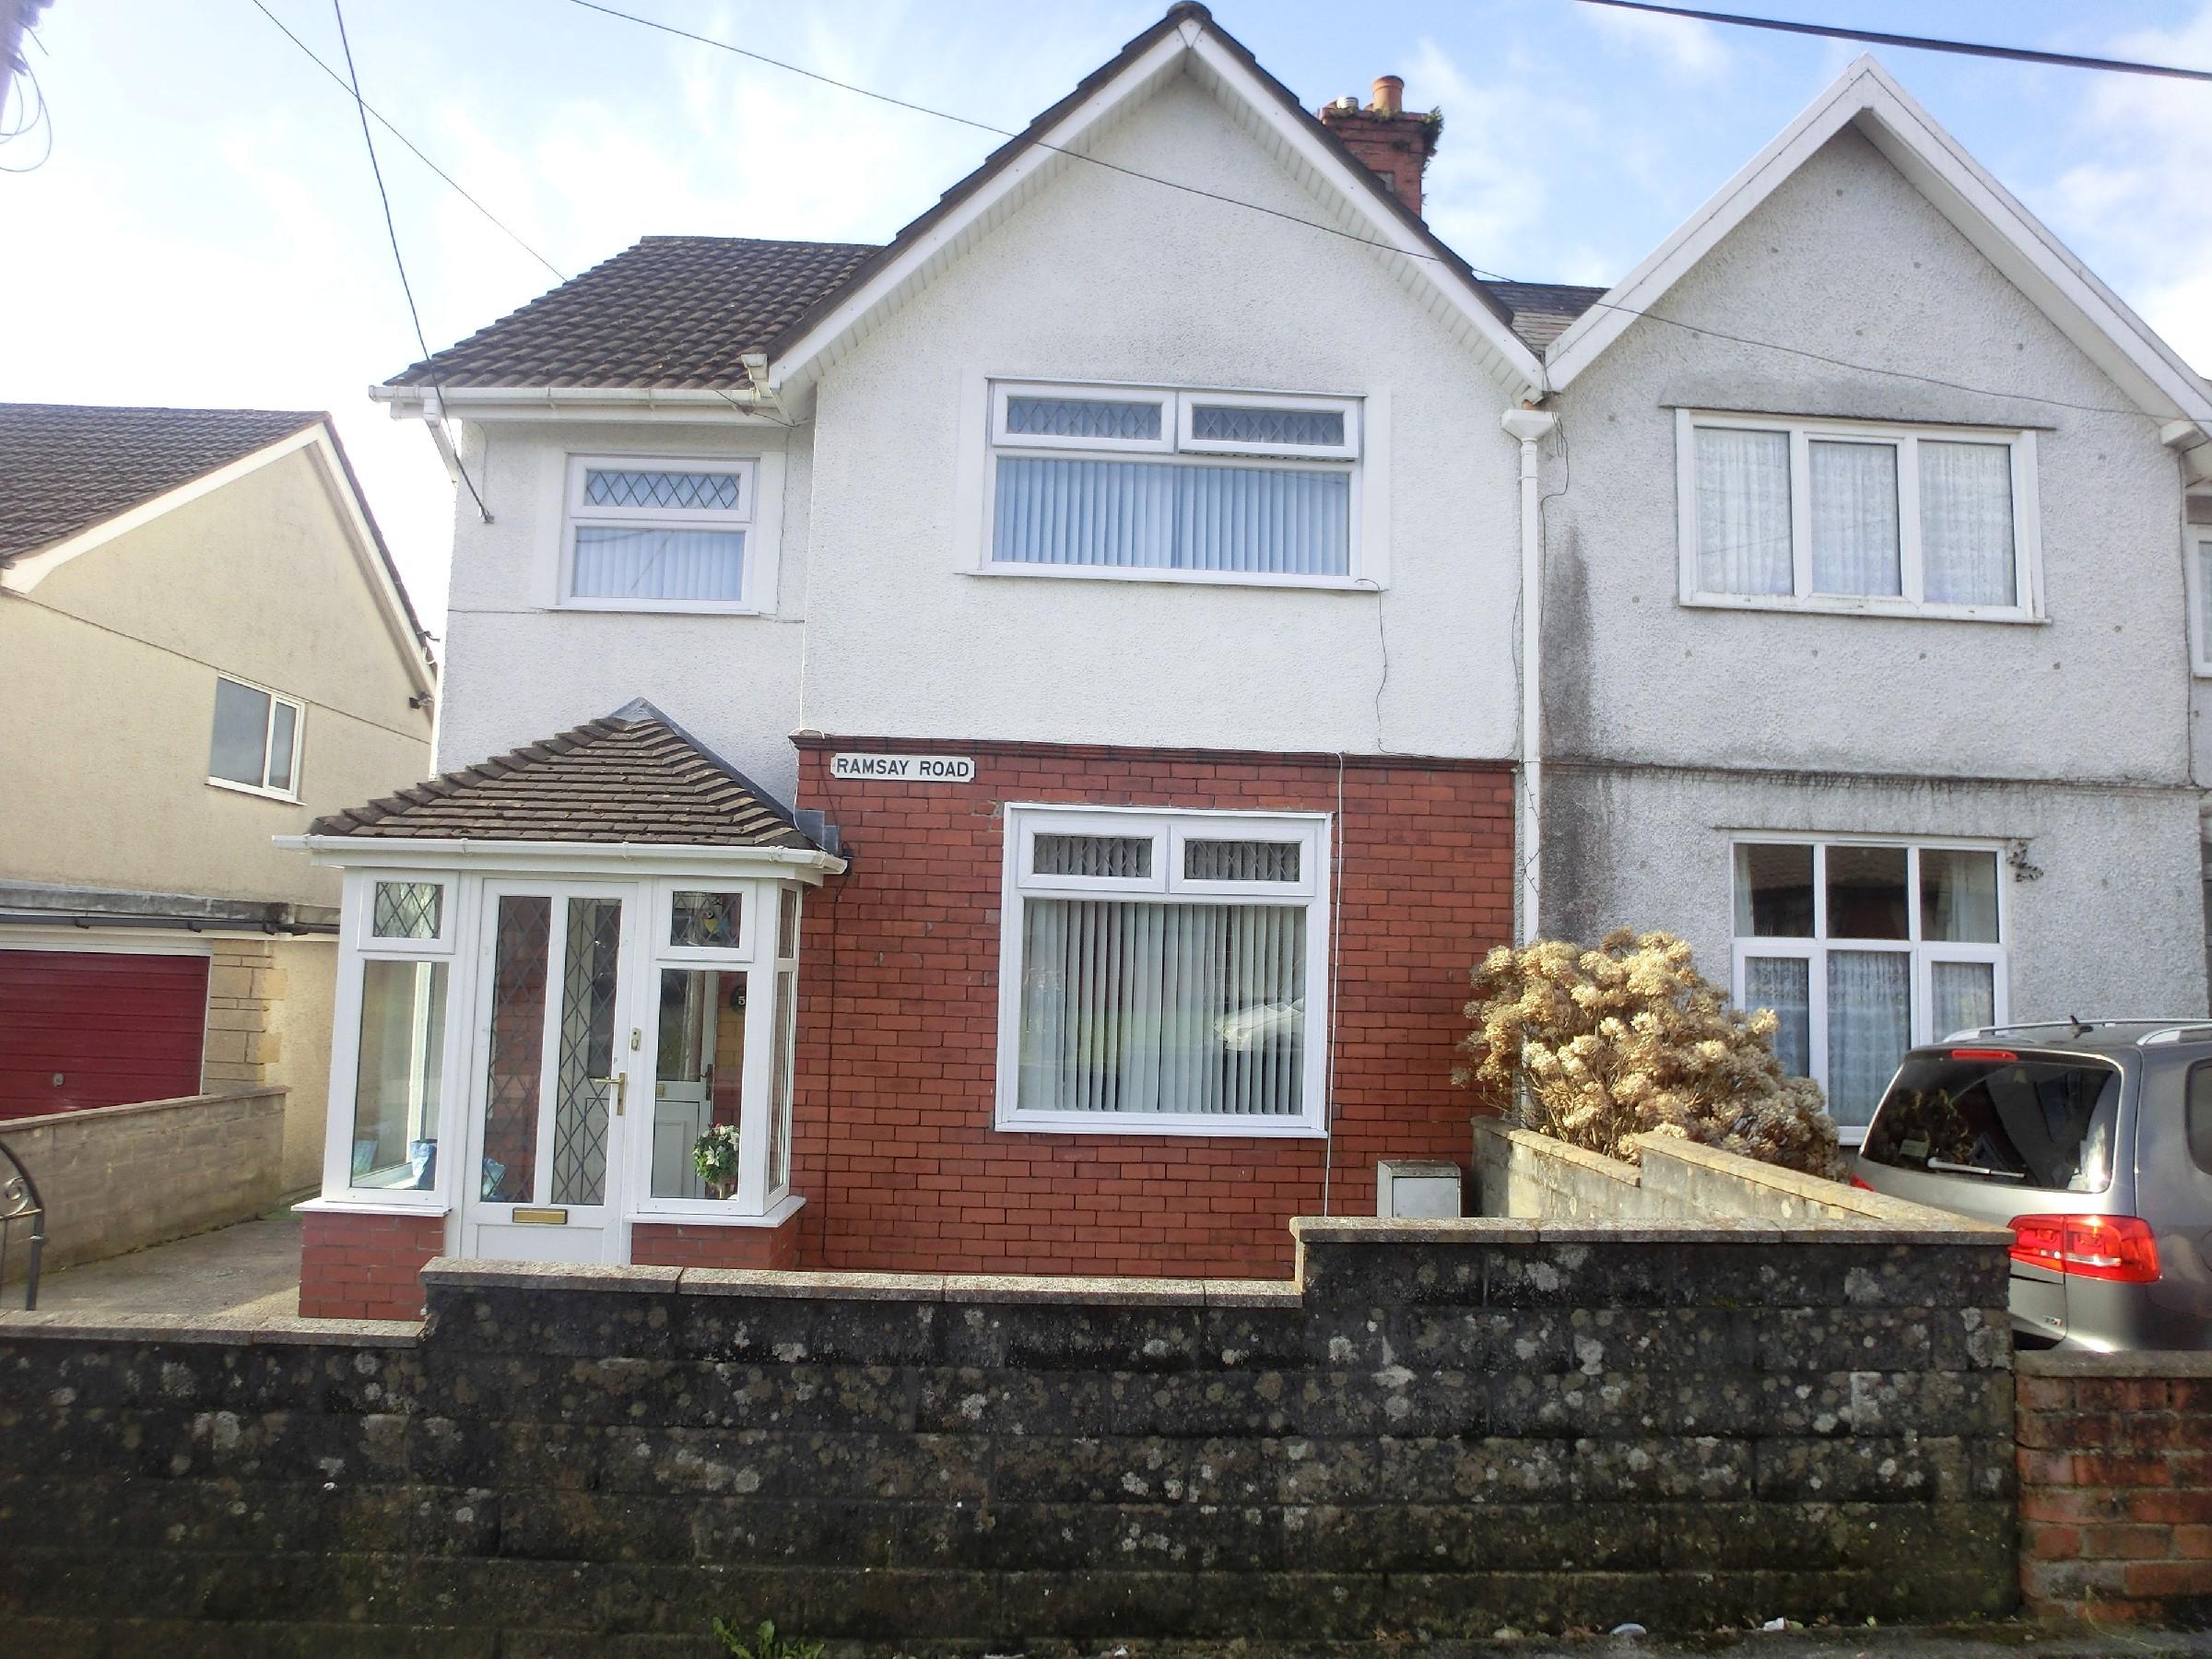 Ramsey Road, Clydach, Swansea